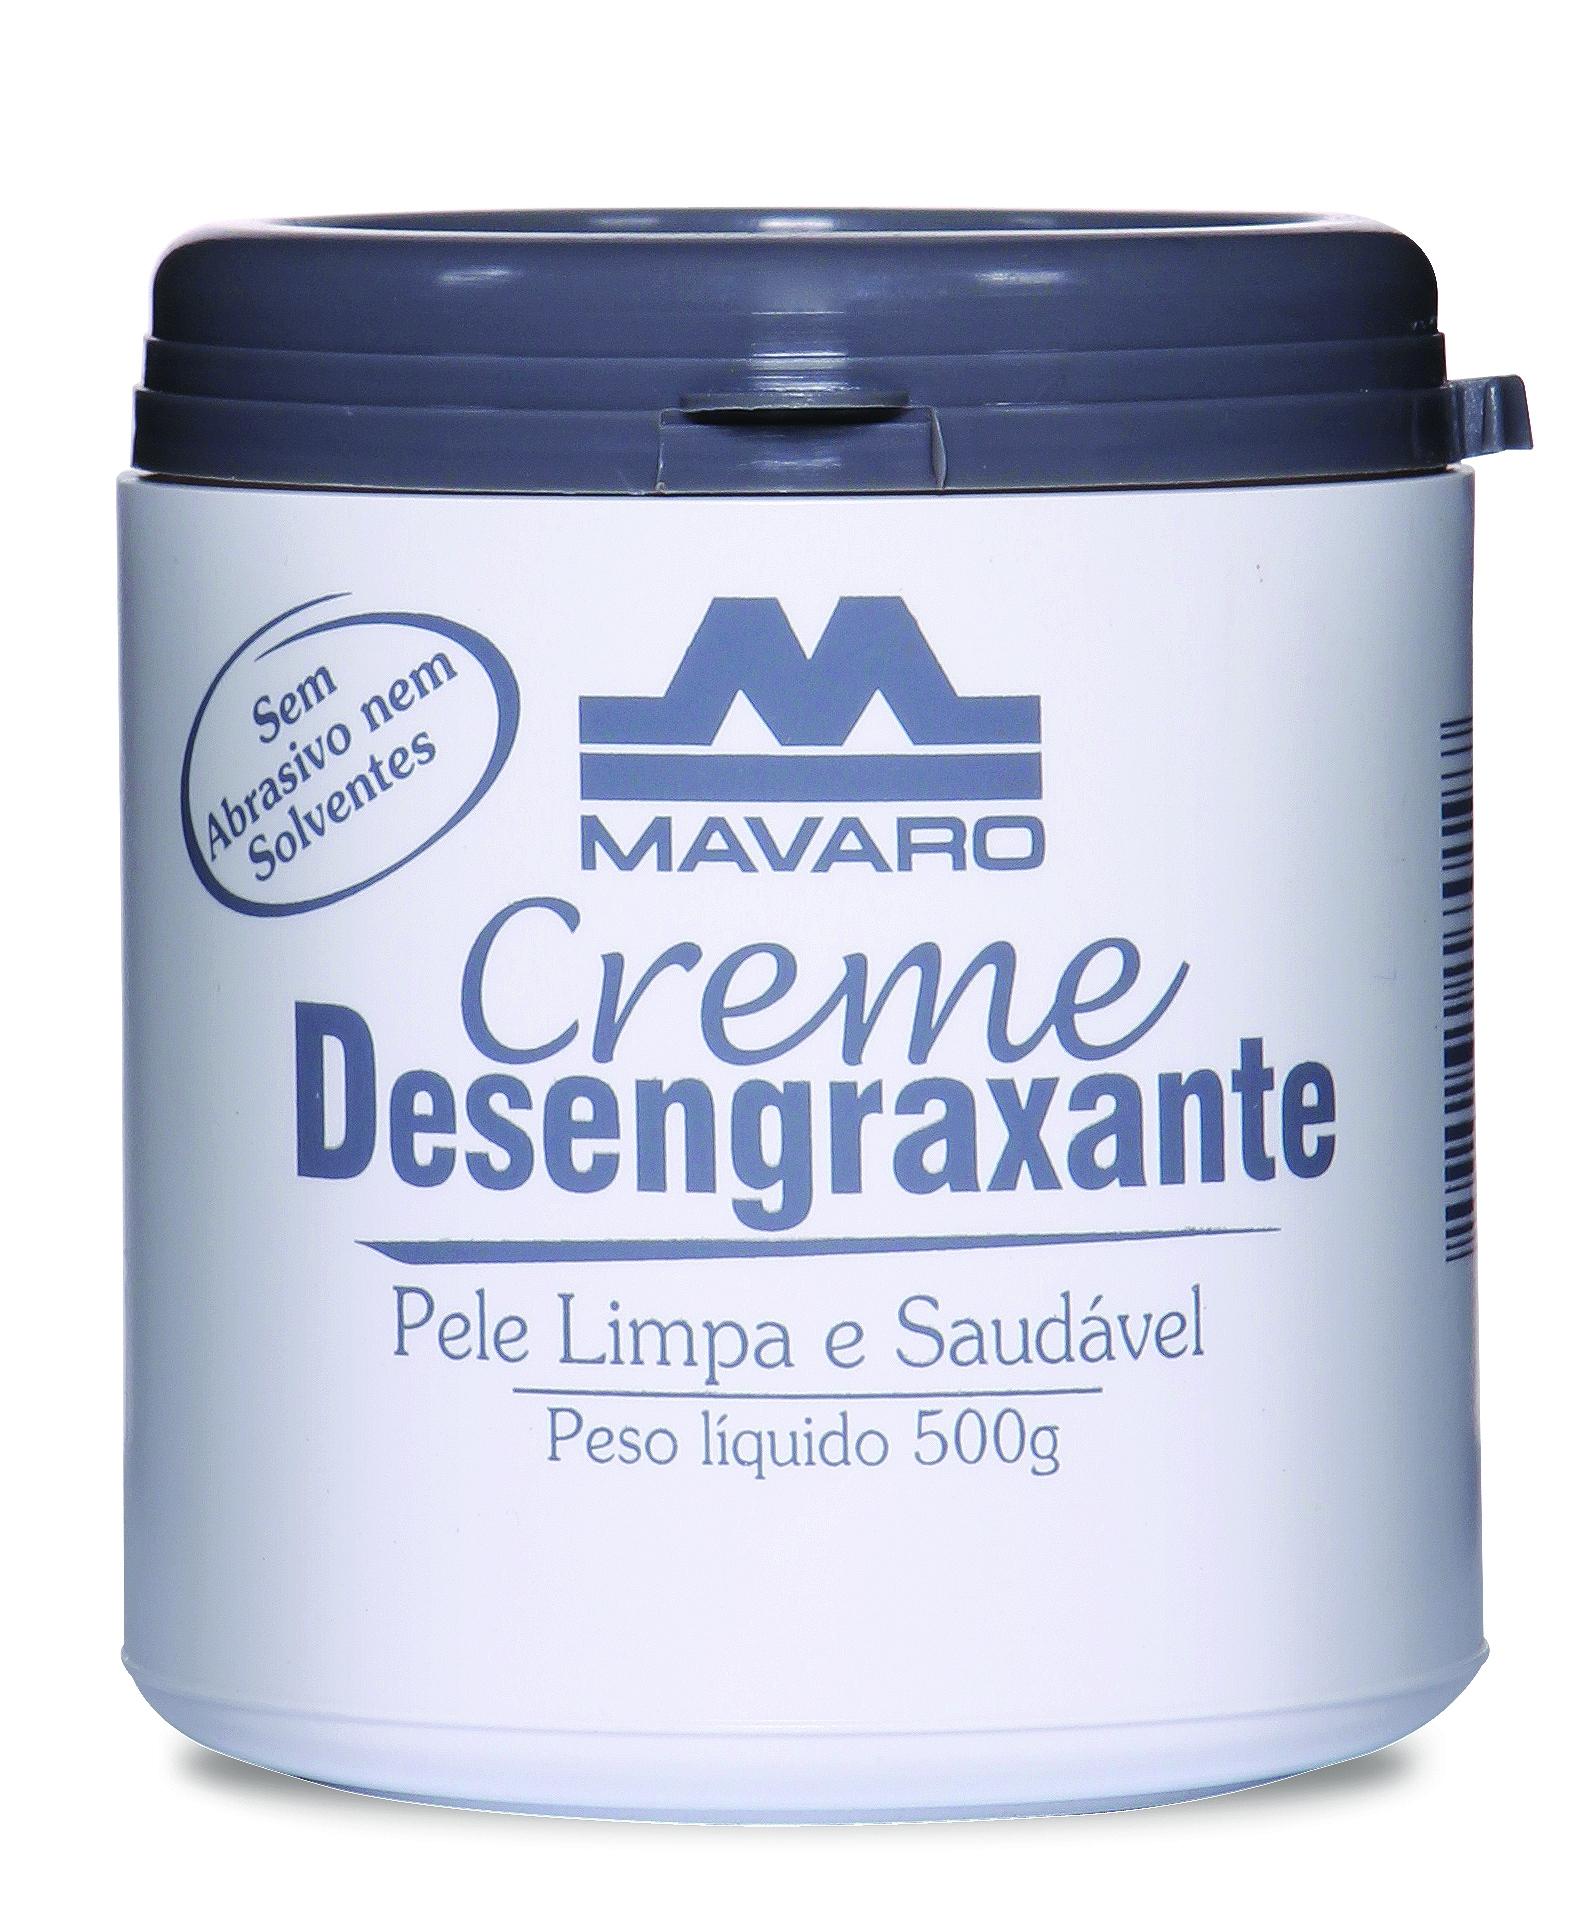 Creme Desengraxante (Mavaro) 500grs